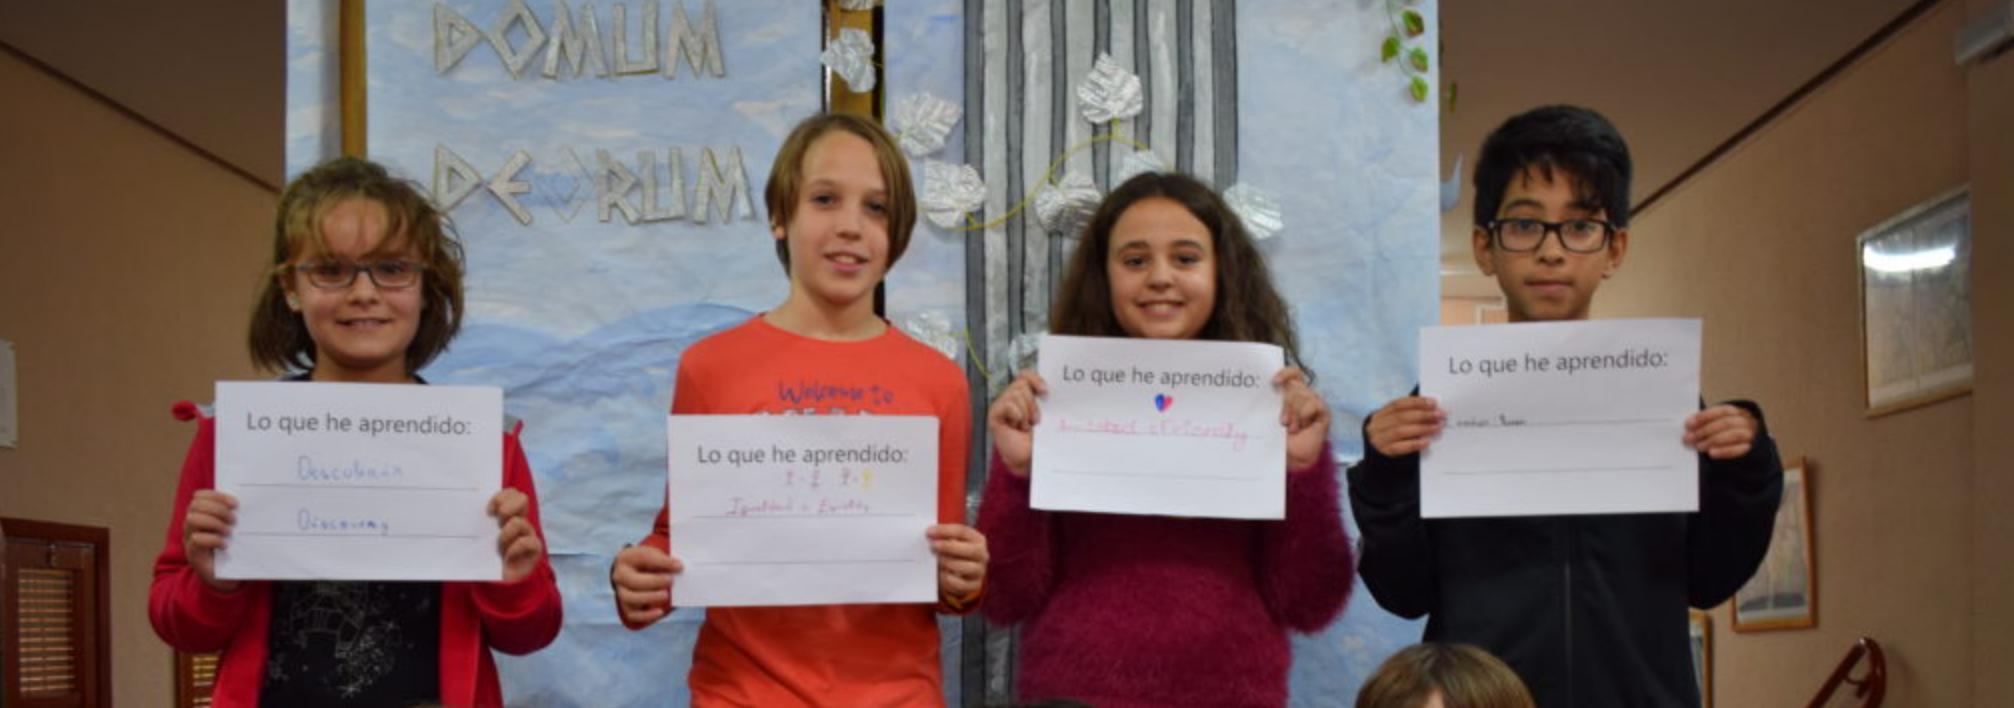 Ir a : Inclusion Europe relanza su campaña sobre educación inclusiva #ThatsWhatILearned